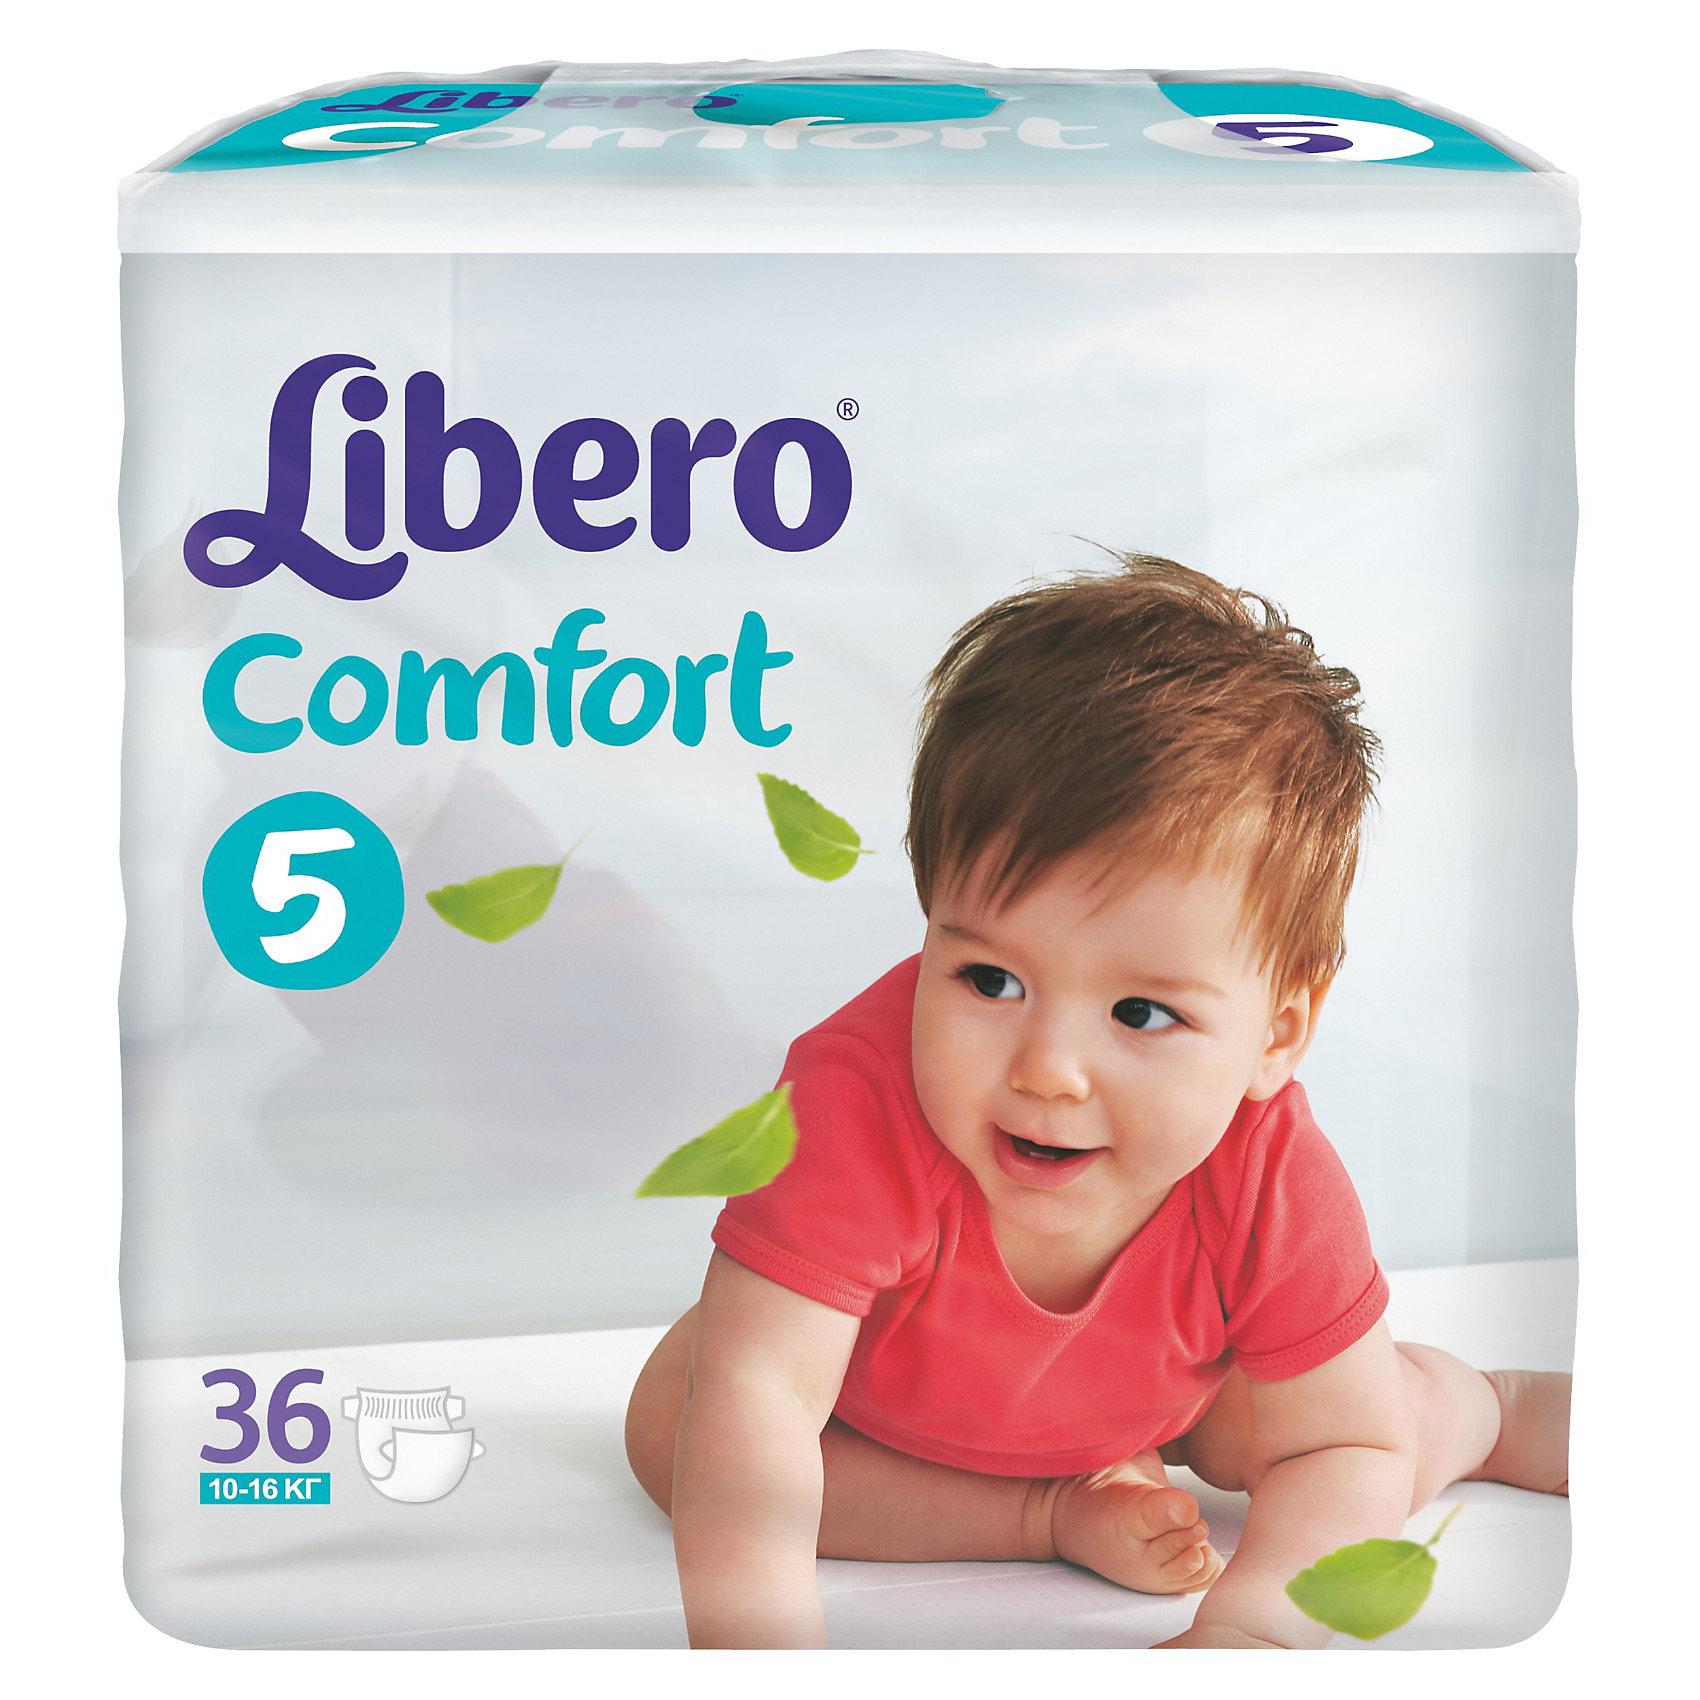 Подгузники Libero Comfort, Maxi Plus 10-16 кг (5), 36 шт.Подгузники<br>Ультратонкие и мягкие подгузники с плотным абсорбционным слоем Libero Comfort (Либеро Комфорт), изготовленные из натуральных материалов, предотвращают возникновение сыпи и зуда, а также сохраняют кожу сухой в течение 12 часов. Широкие тянущиеся боковинки и эластичный поясок обеспечивают комфортное прилегание и защищают от протеканий. Мягкие барьерчики анатомической формы вокруг ножек не натирают нежную кожу, а микроскопические отверстия обеспечивают циркуляцию воздуха, чтобы попка не сопрела. На поясе расположен цветной индикатор, который поможет подобрать памперс по размеру: в правильном положении застежки должны находиться по центру.<br><br>Дополнительная информация:<br><br>- Размер: 5, Maxi Plus 10-16 кг<br>- В упаковке: 36 шт.<br><br>Подгузники Libero Comfort (Либеро Комфорт), Maxi Plus 10-16 кг (5), 36 шт. можно купить в нашем интернет-магазине.<br><br>Ширина мм: 127<br>Глубина мм: 240<br>Высота мм: 218<br>Вес г: 1316<br>Возраст от месяцев: 6<br>Возраст до месяцев: 36<br>Пол: Унисекс<br>Возраст: Детский<br>SKU: 3517617